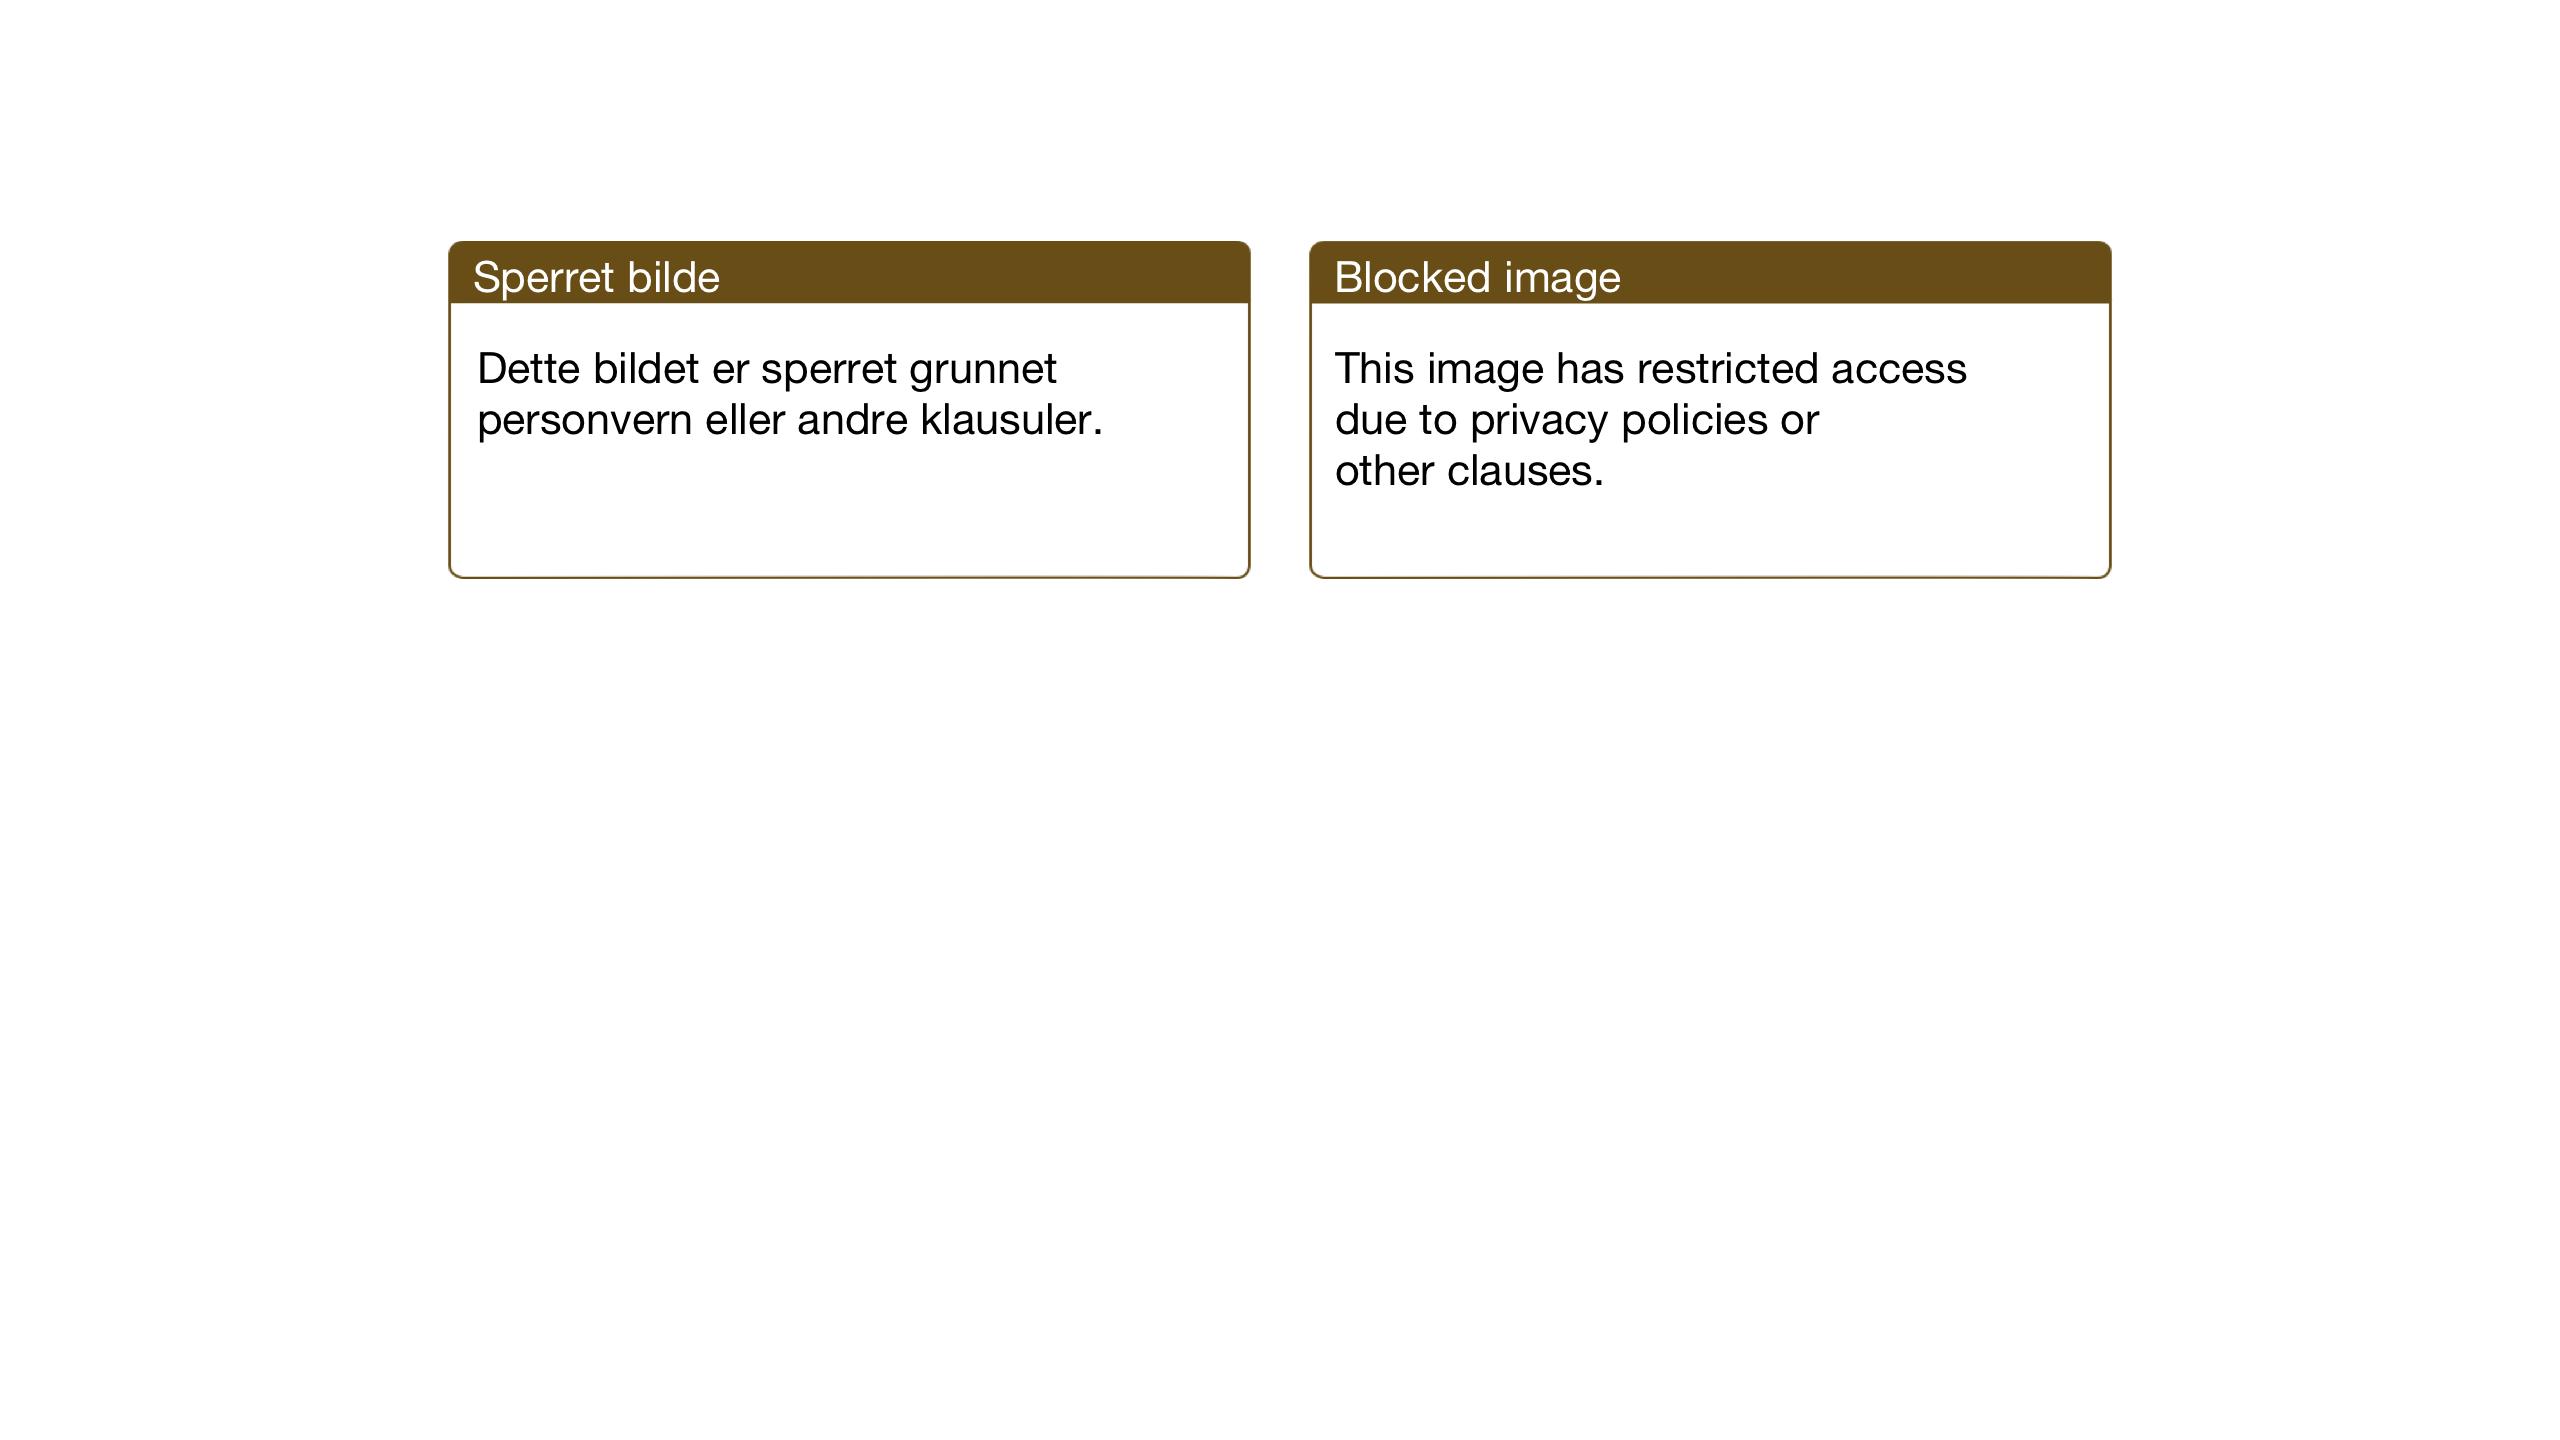 SAT, Ministerialprotokoller, klokkerbøker og fødselsregistre - Sør-Trøndelag, 682/L0947: Klokkerbok nr. 682C01, 1926-1968, s. 116